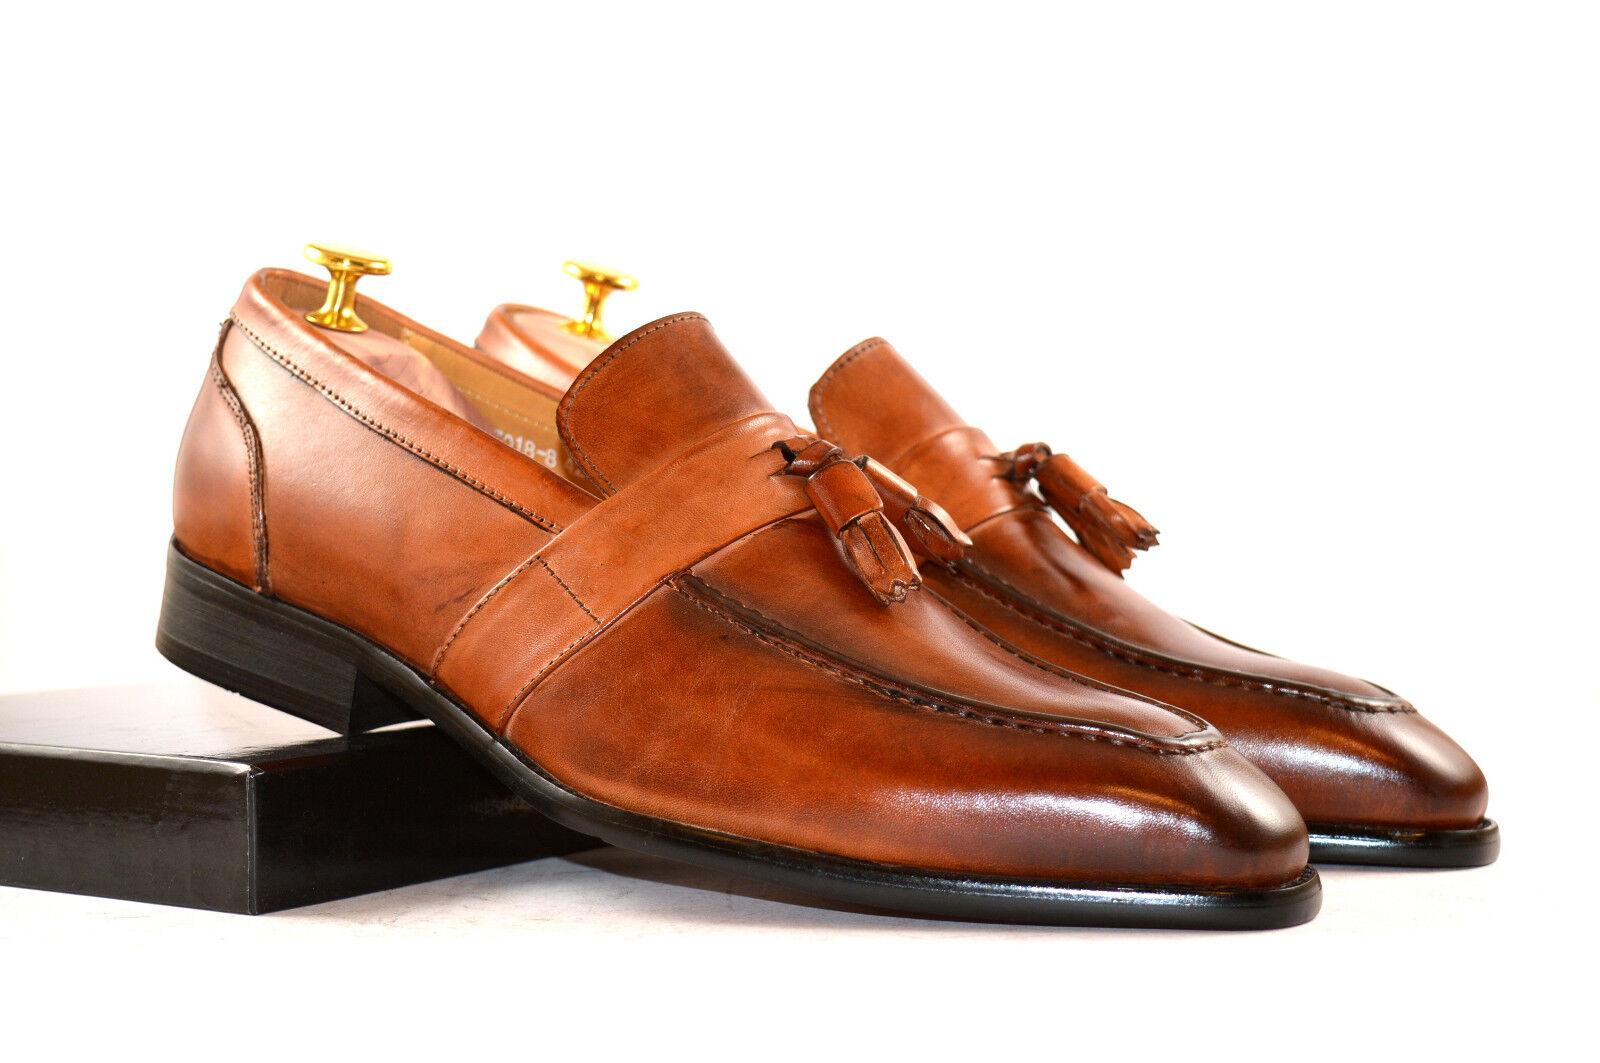 Neu Herren Businessschuhe braun Loafer Quasten Handmade Echtleder braun Businessschuhe Gr. 41-45 cbf2f7